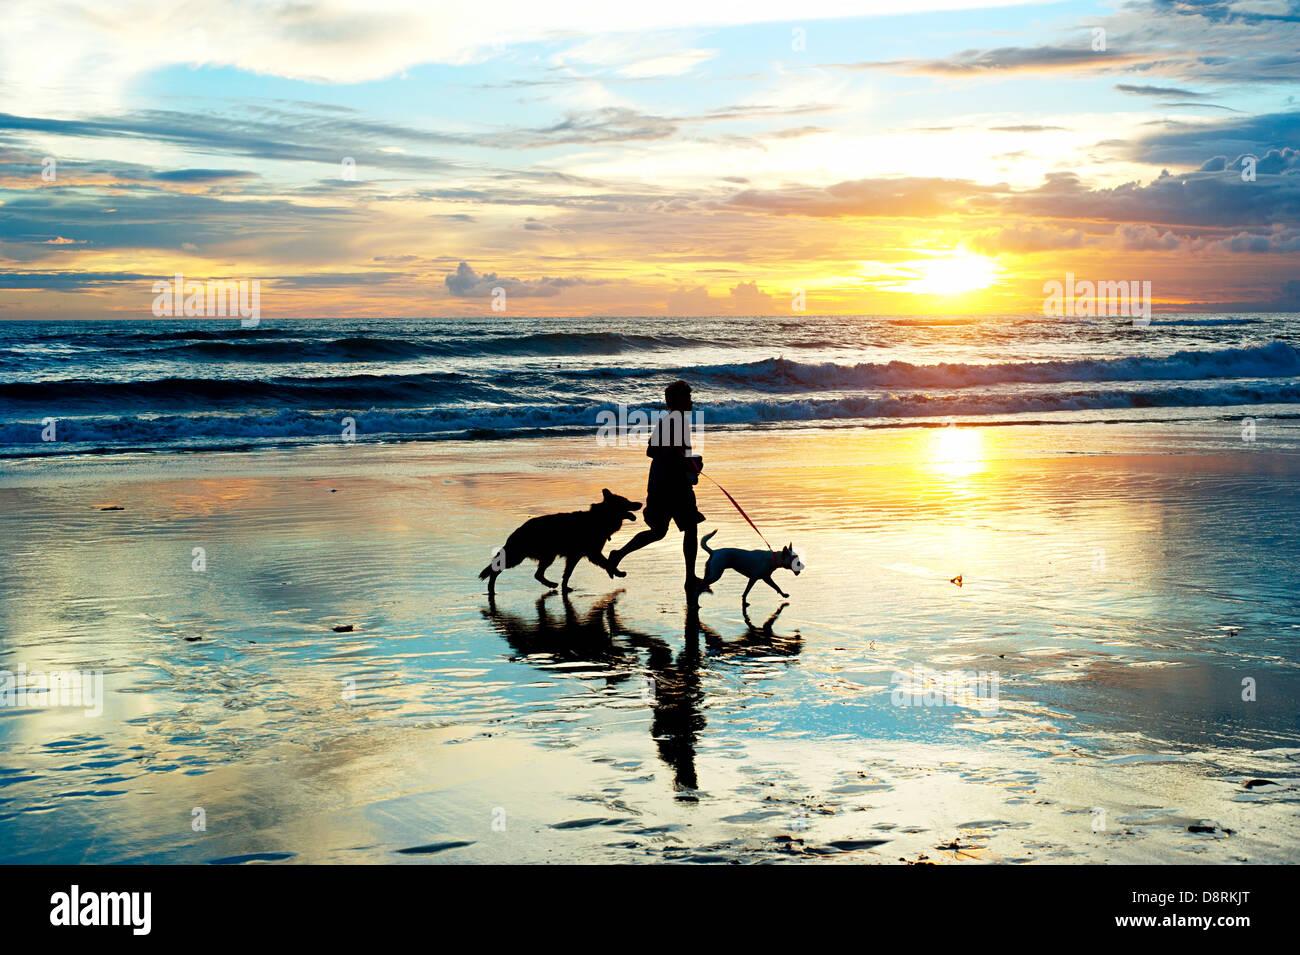 Mann mit einem Hunde laufen am Strand bei Sonnenuntergang. Insel Bali, Indonesien Stockbild